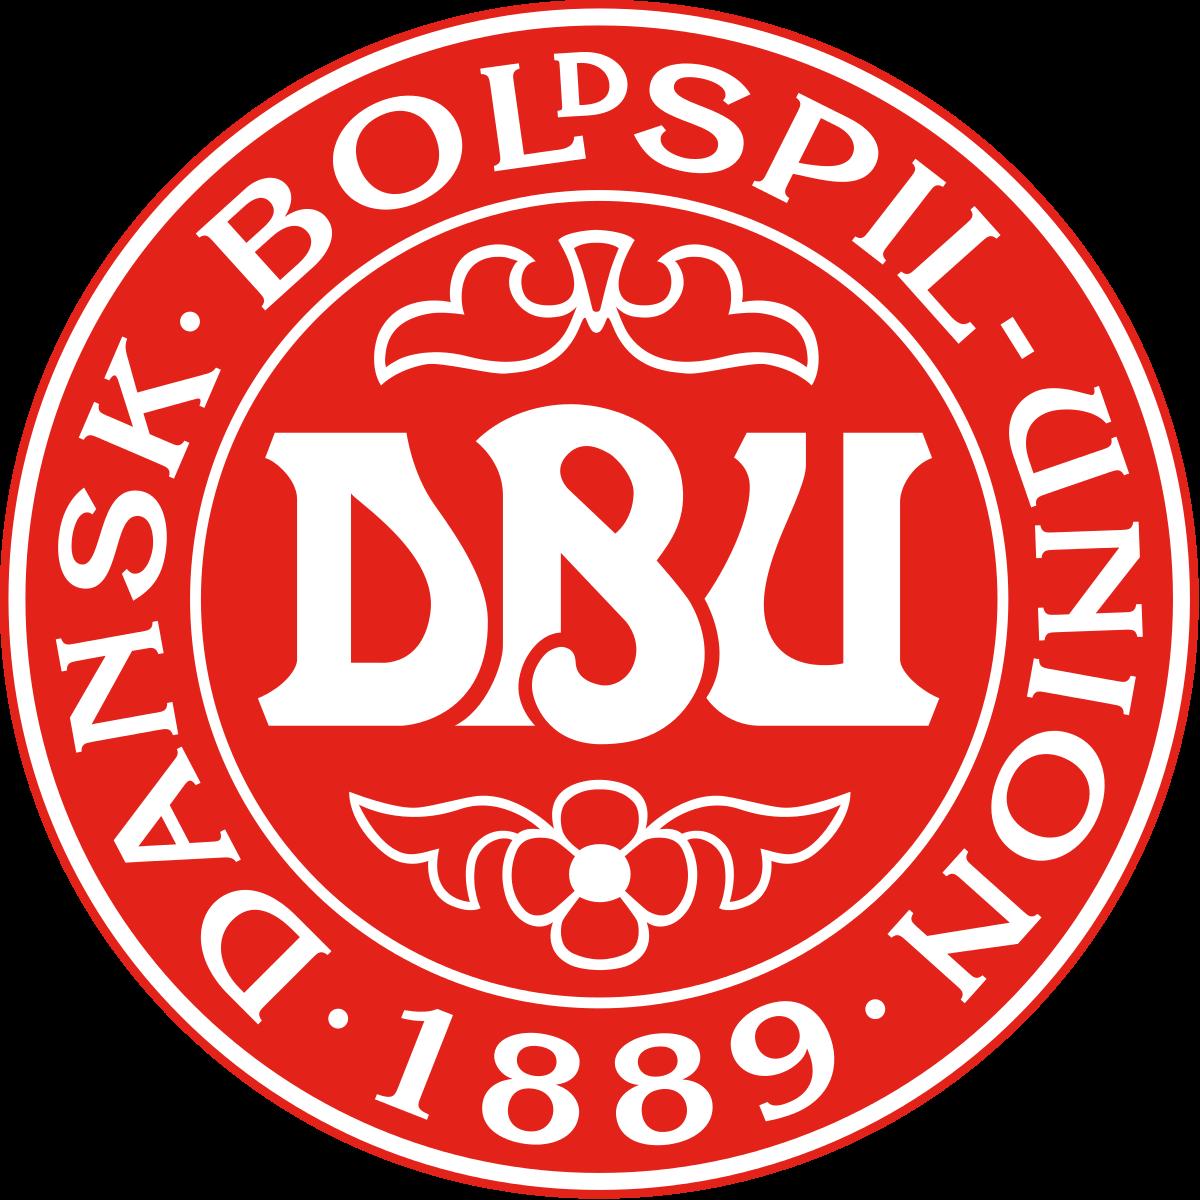 Danmark logga